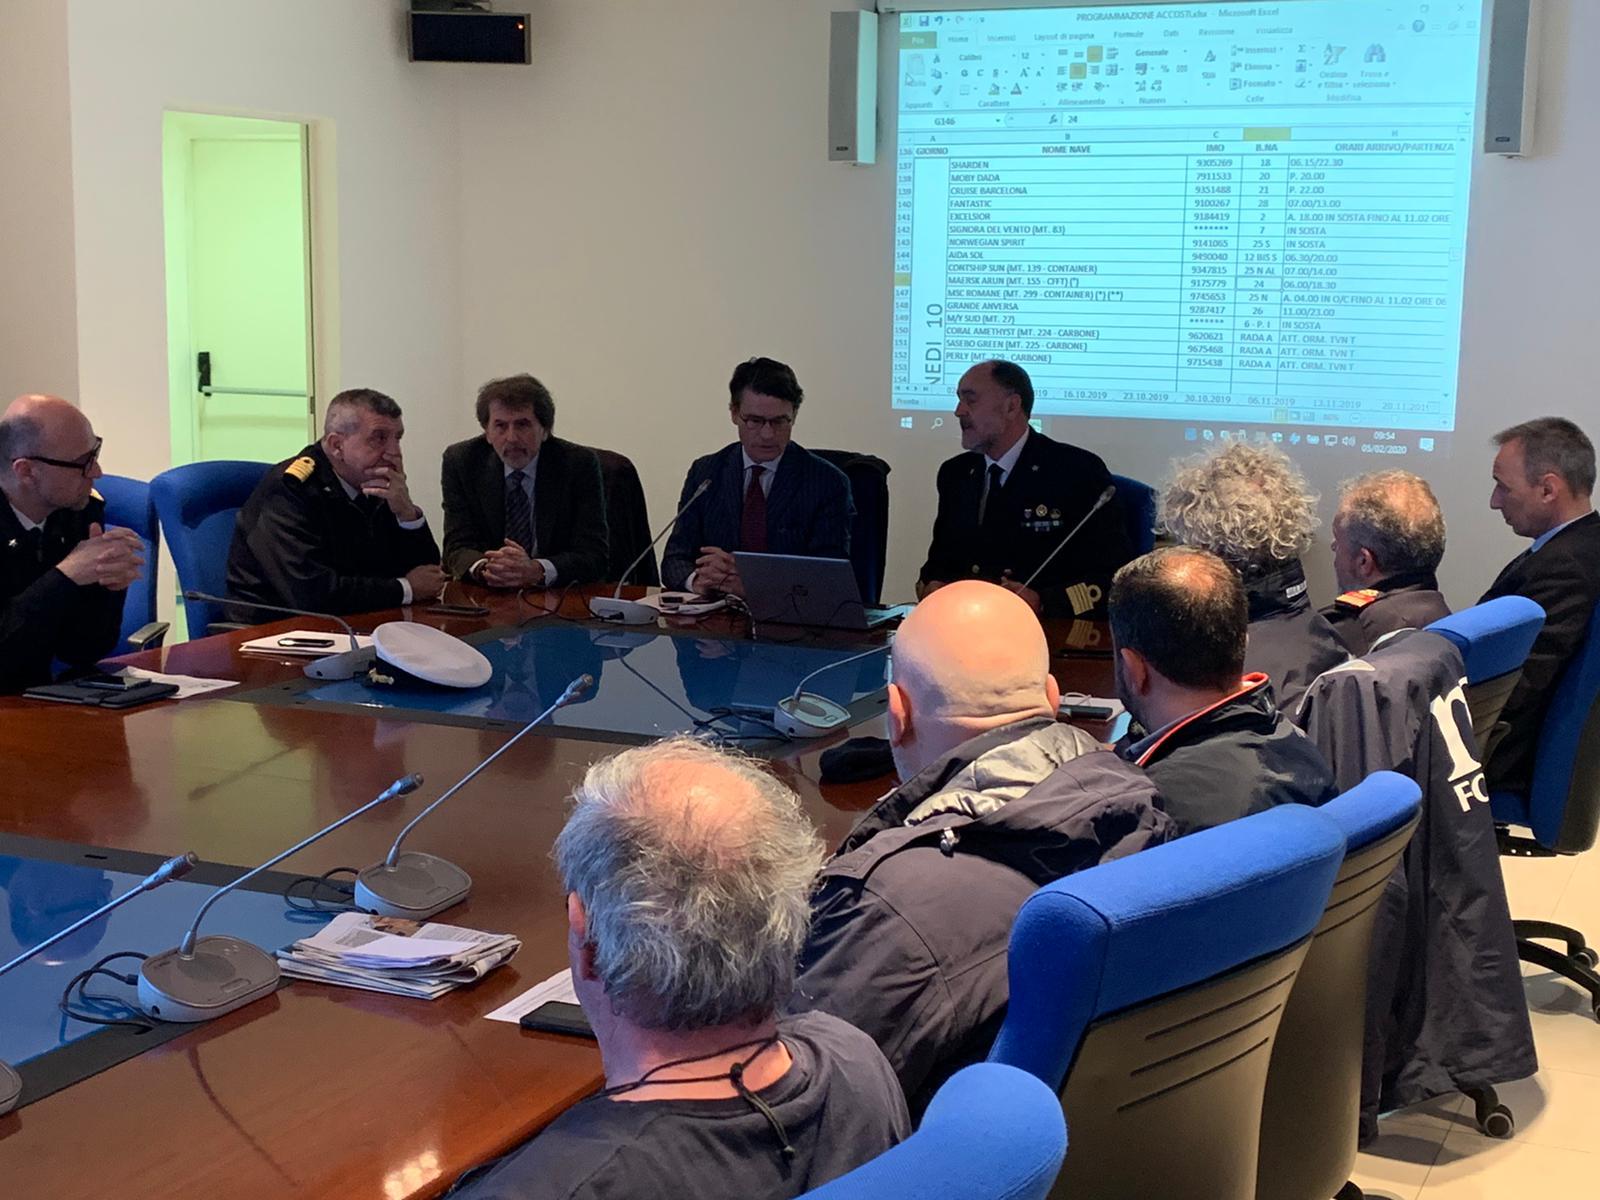 Al porto di Civitavecchia si lavora per un Protocollo Operativo sulle emergenze